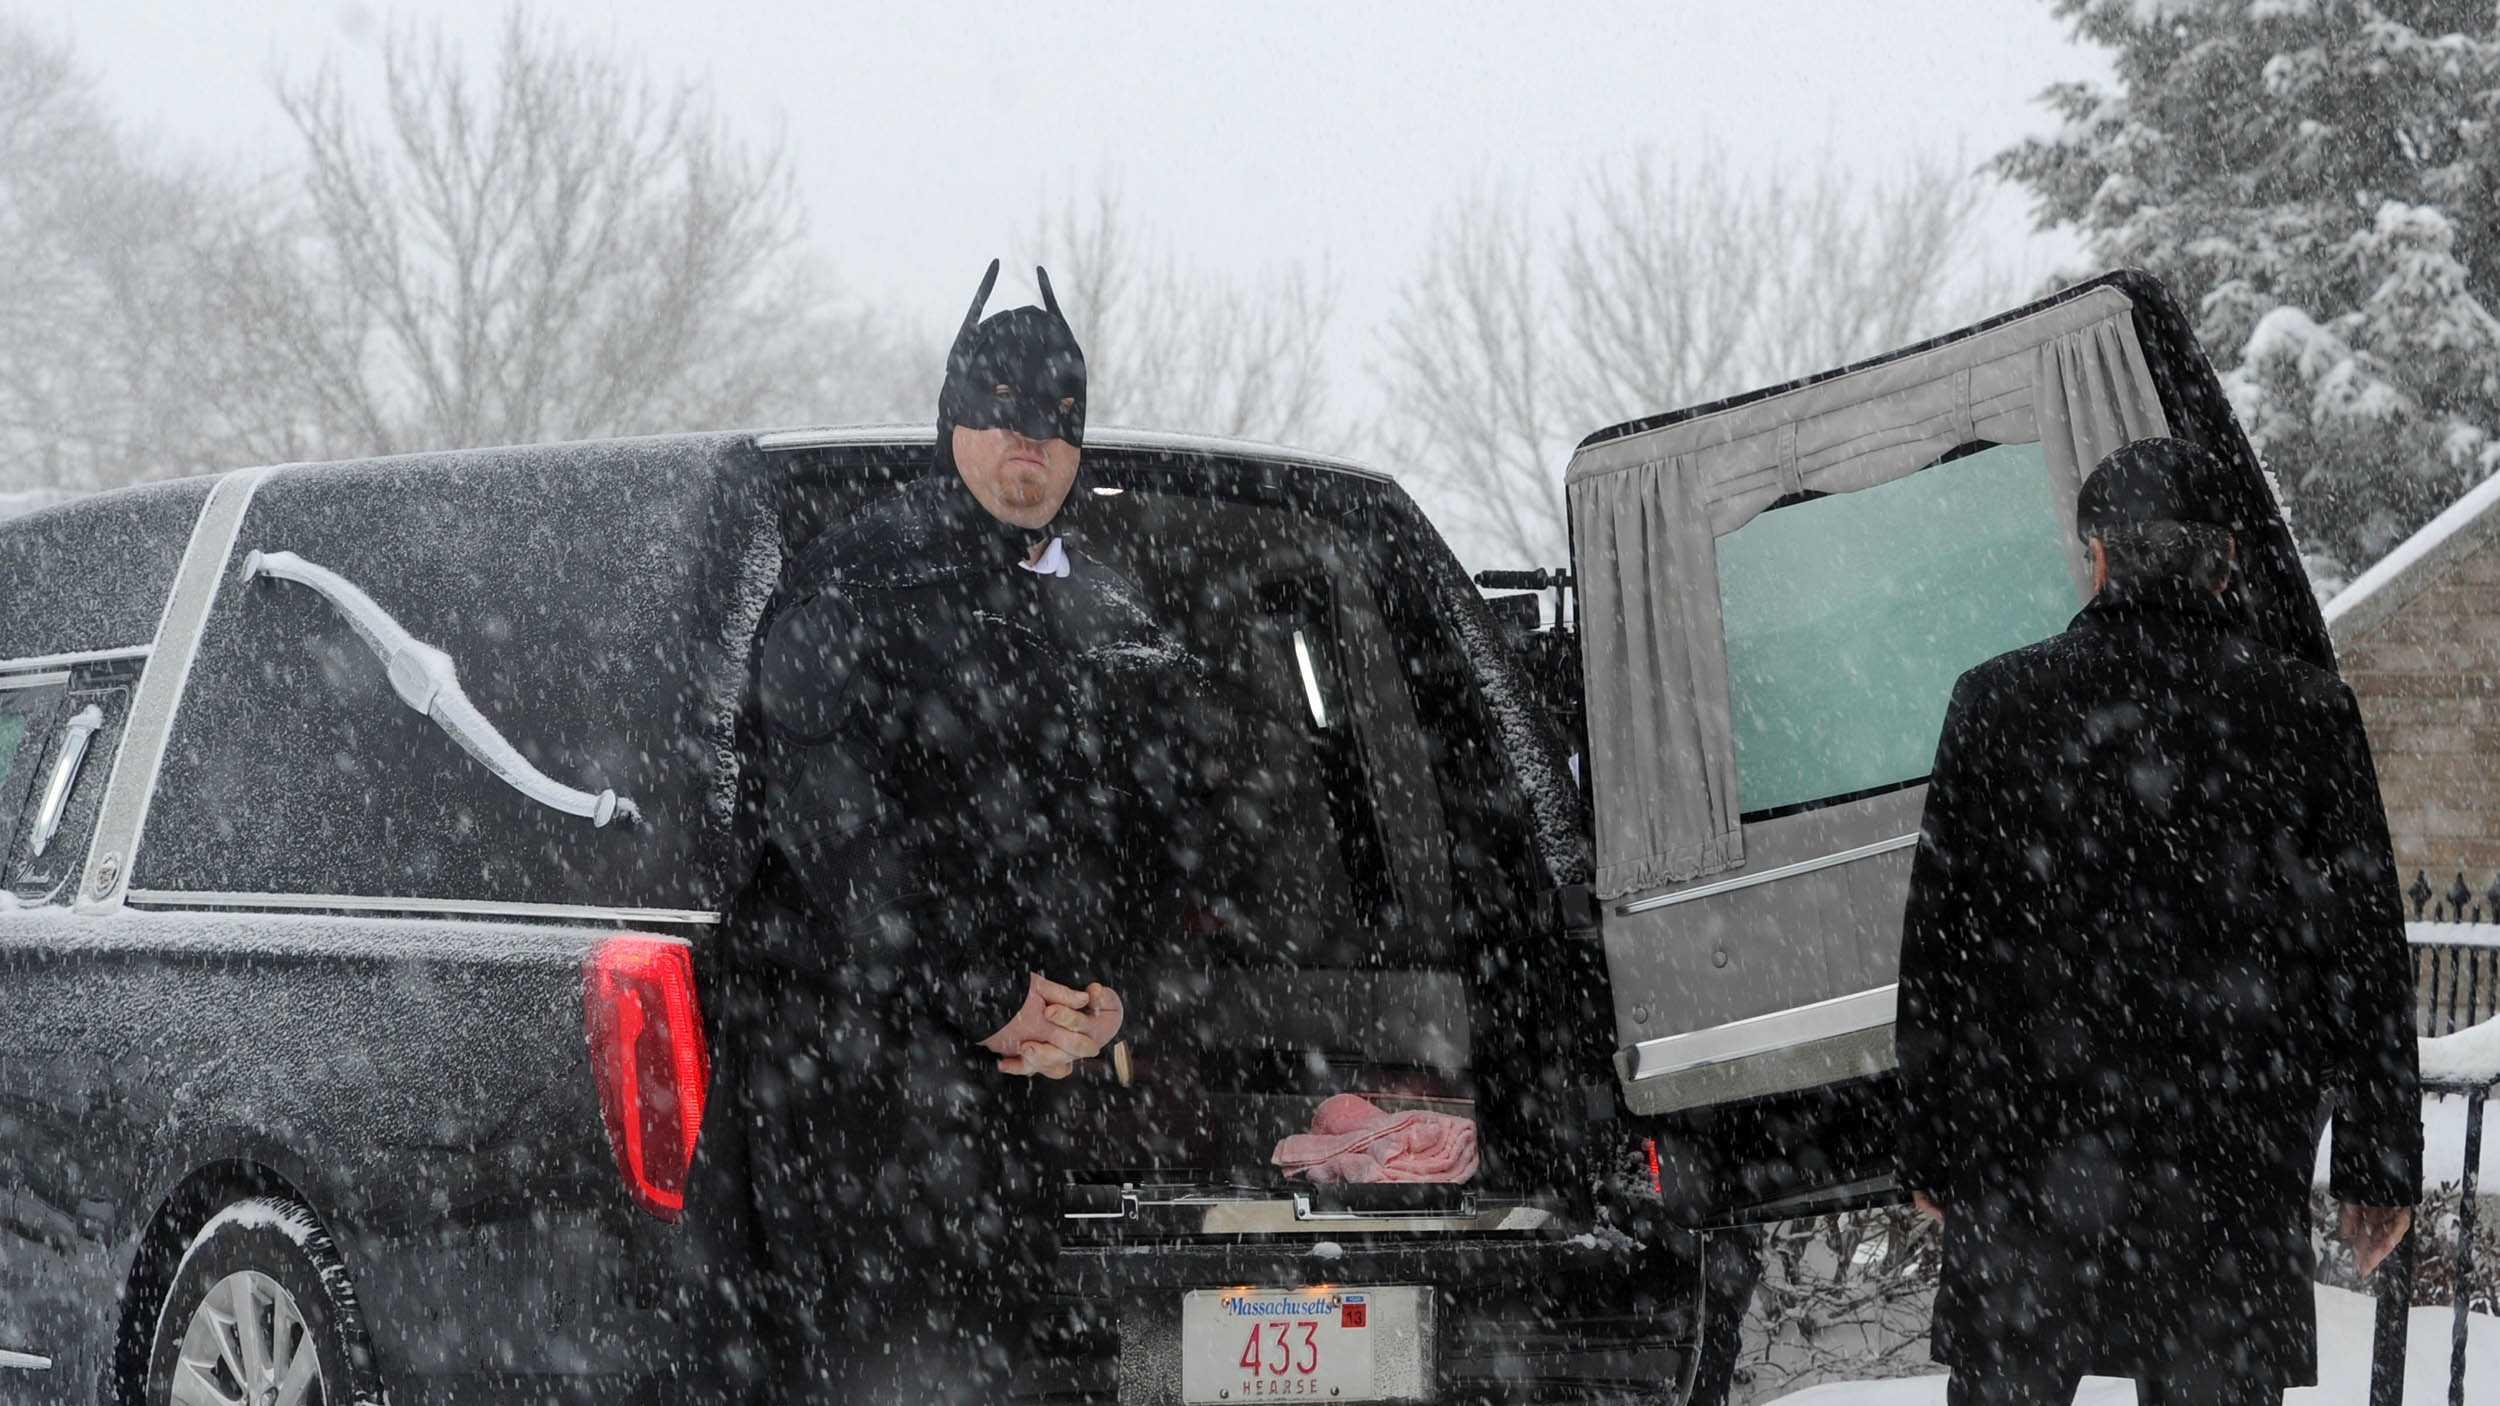 Middleborough boy's funeral, batman